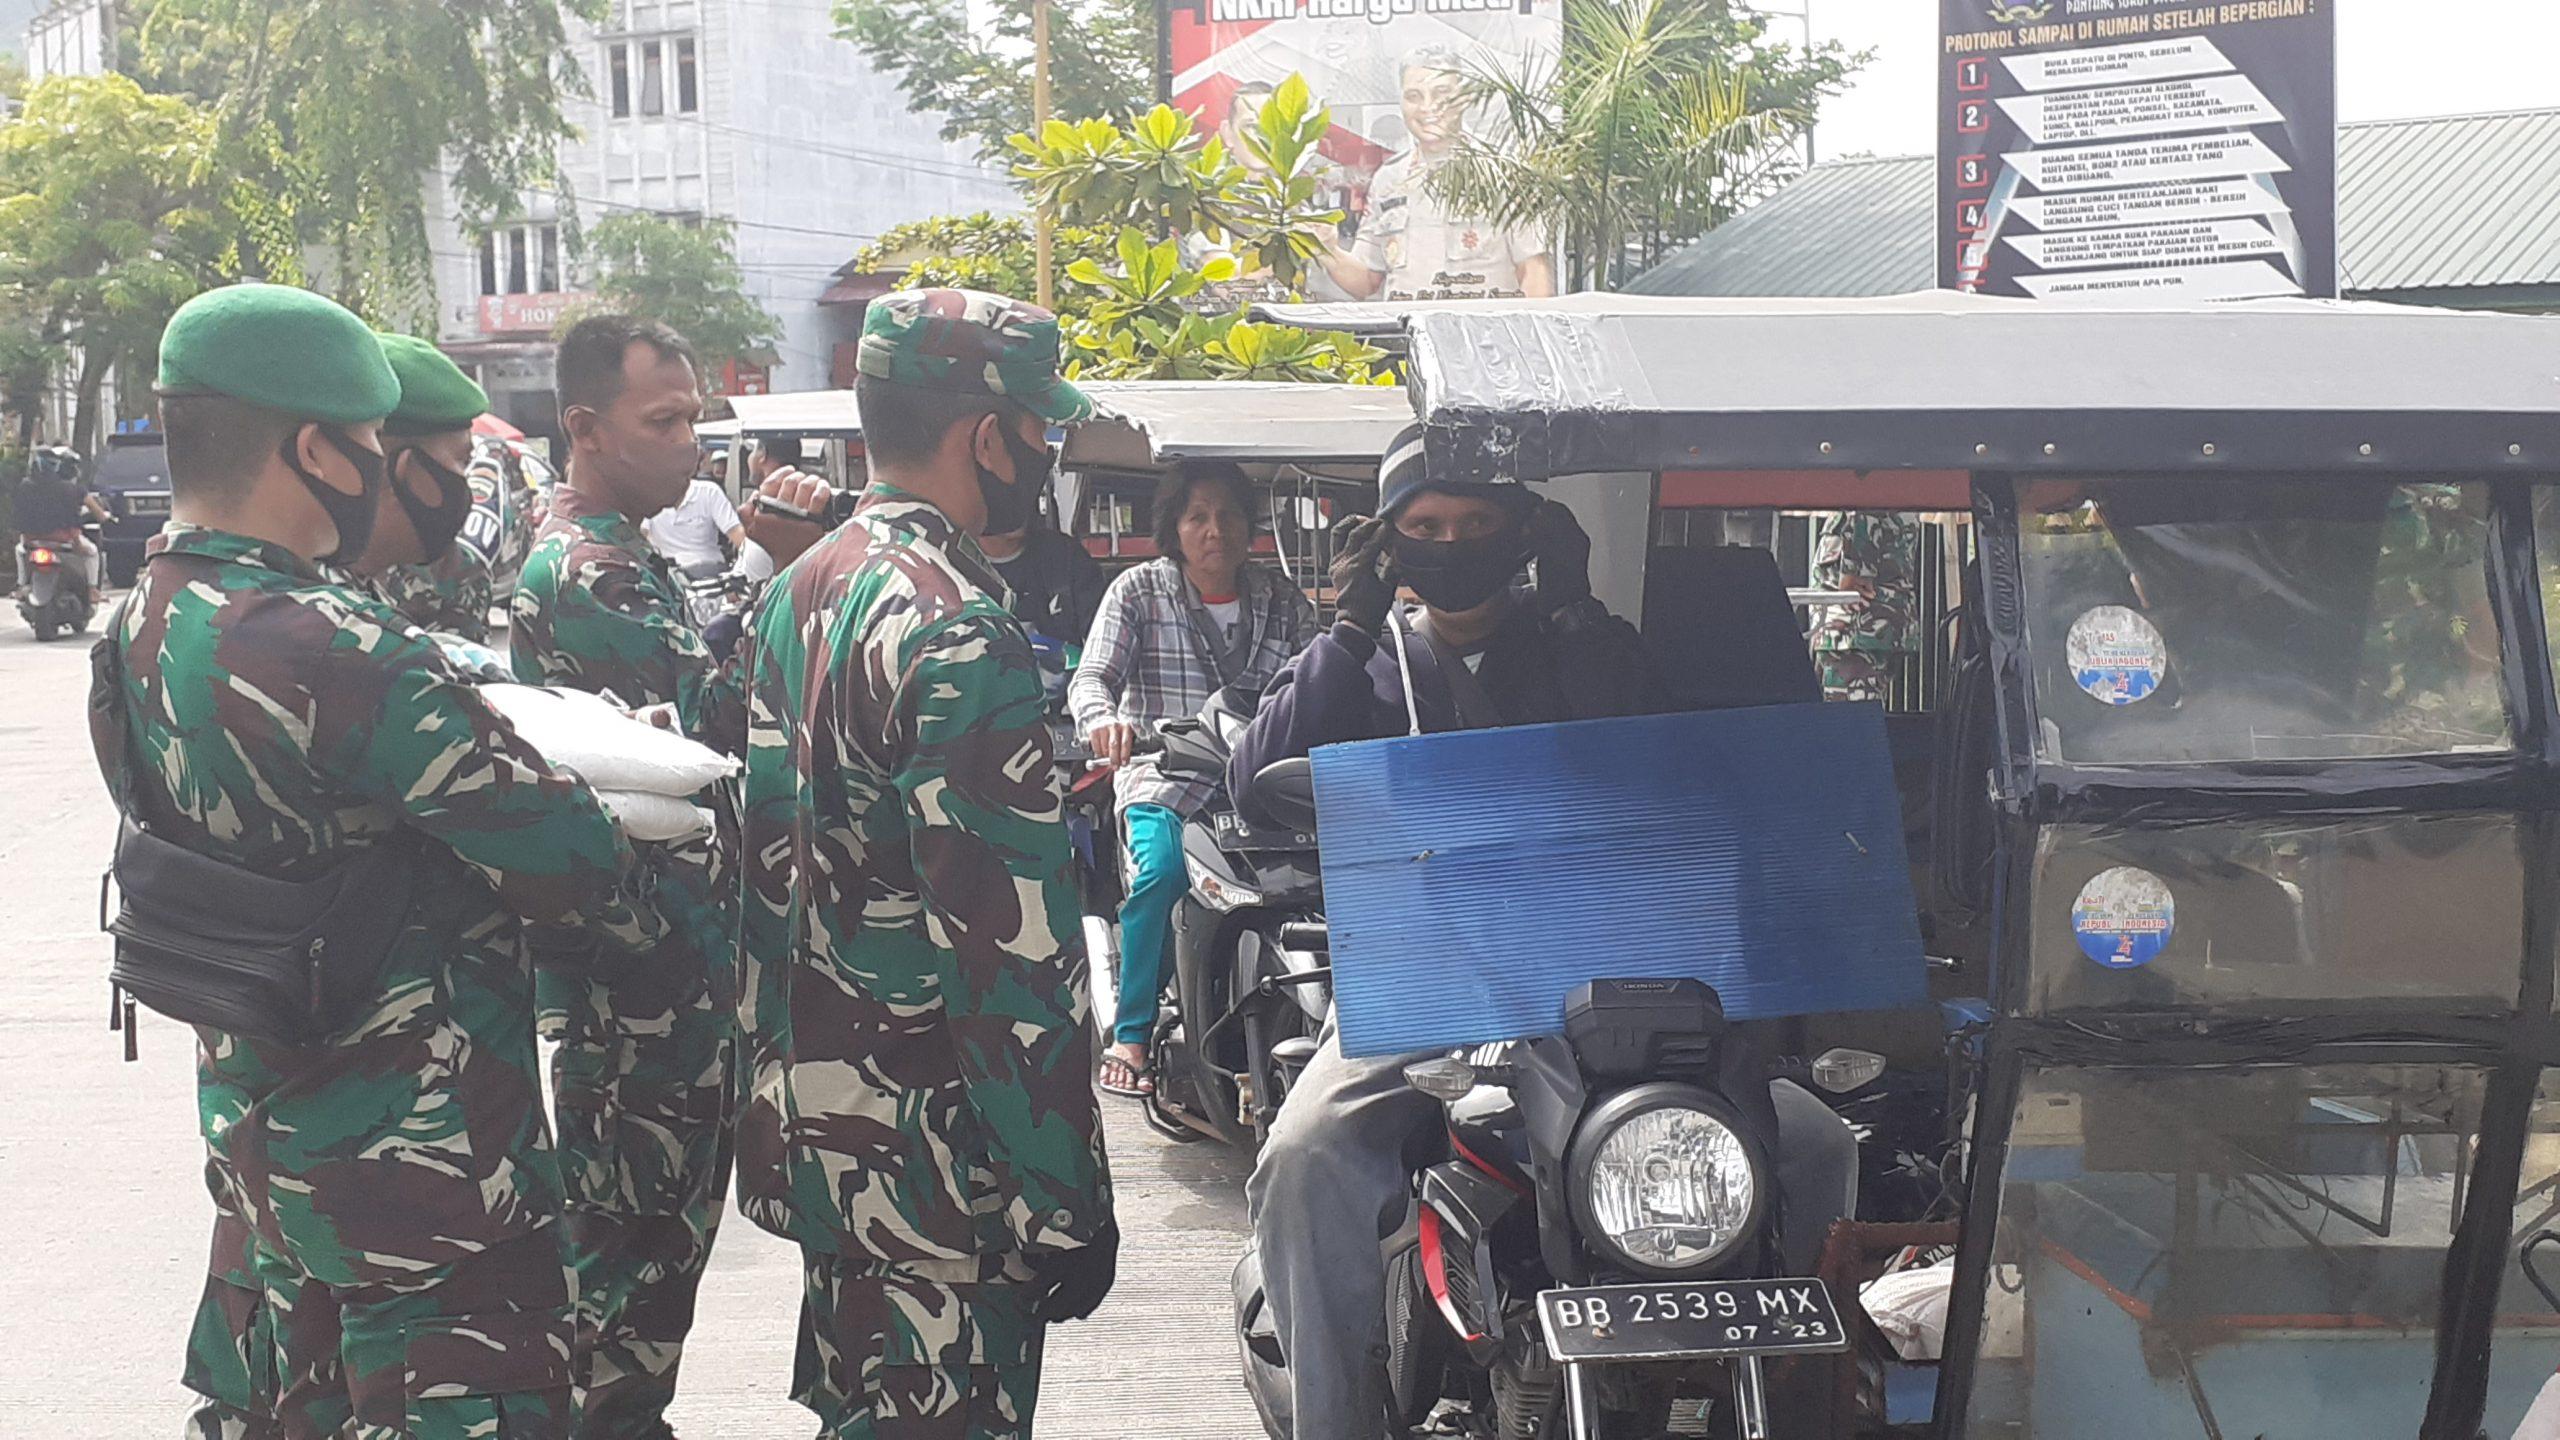 Personel Ķorem 023 Kawal Samudera saat membagikan sembako dan masker kepada abang becak. Foto: Rakyatsumut.com/ Mirwan Tanjung